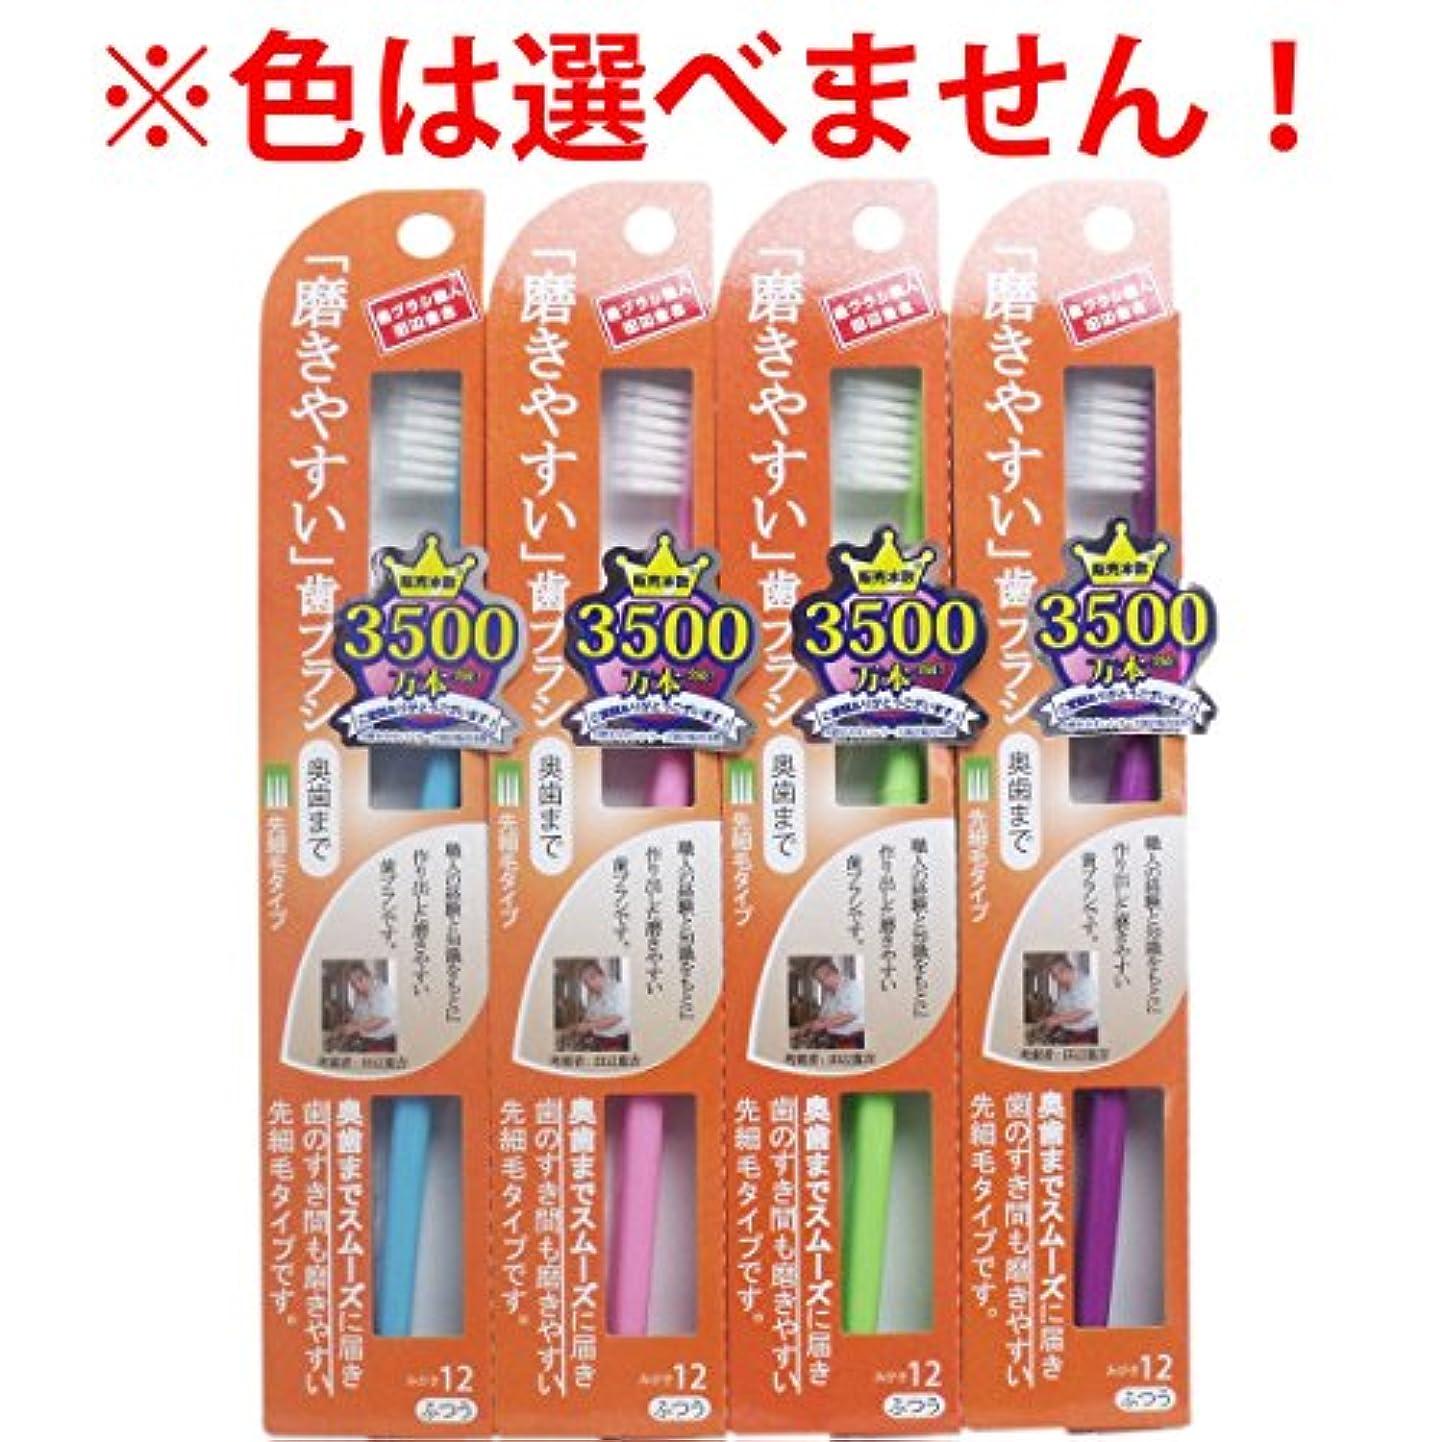 シミュレートする意志調停する【2セット】磨きやすい歯ブラシ(奥歯まで)先細 1P*12本入り